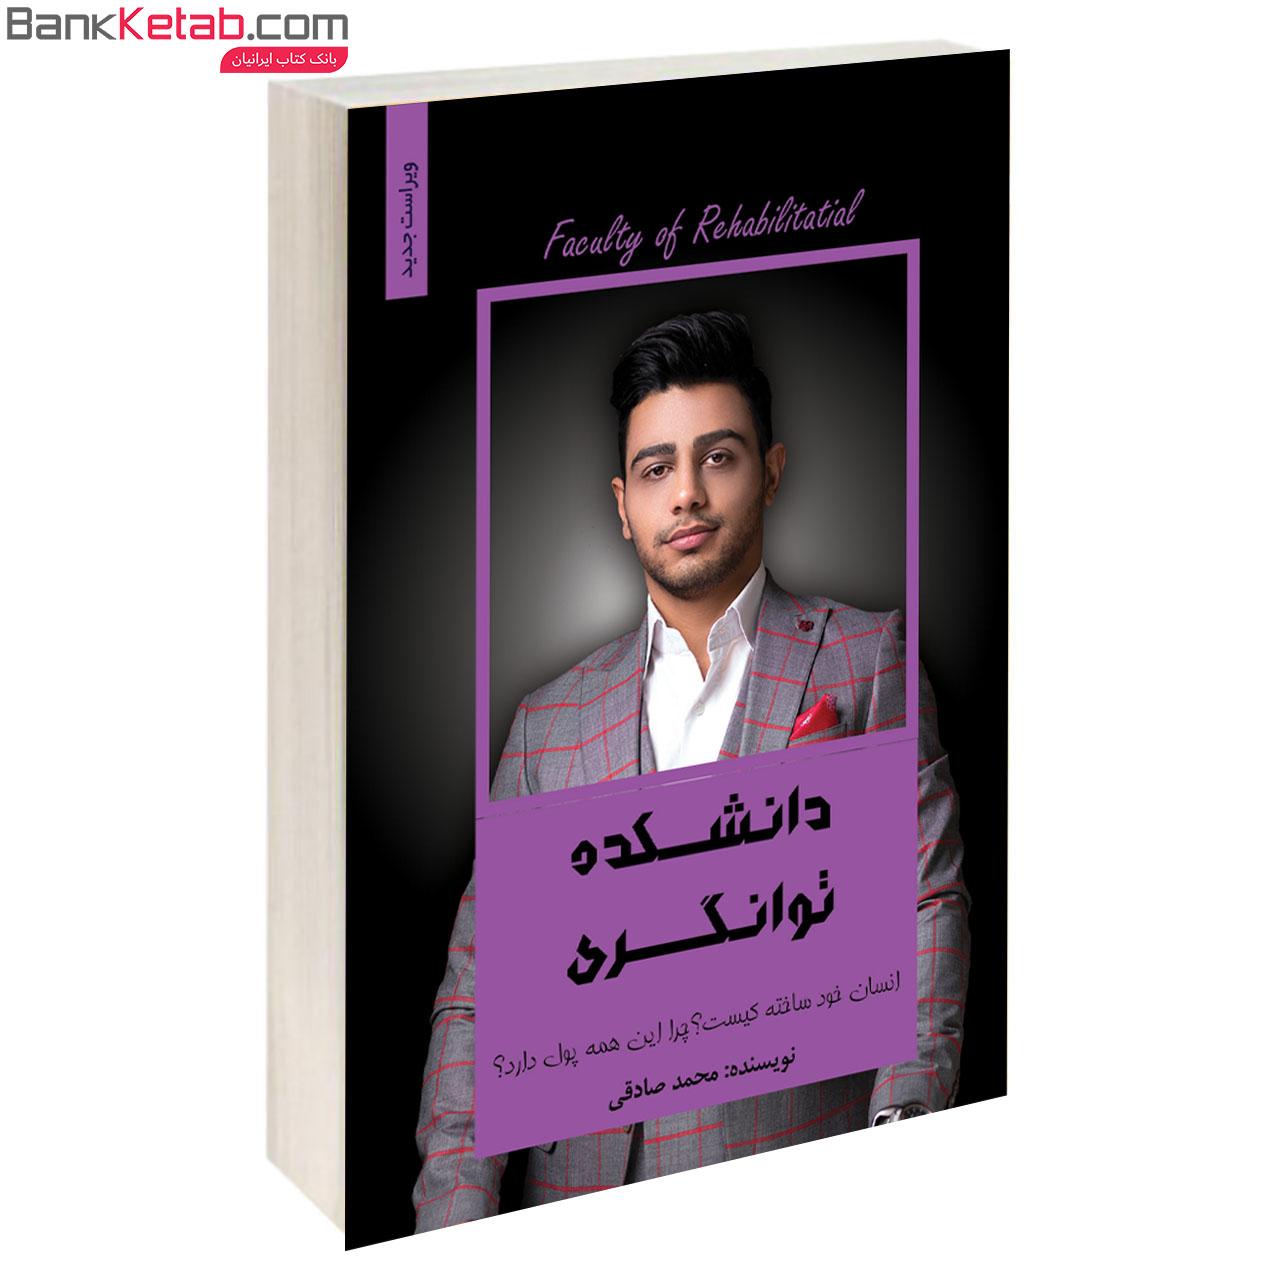 کتاب دانشکده توانگری اثر محمد صادقی